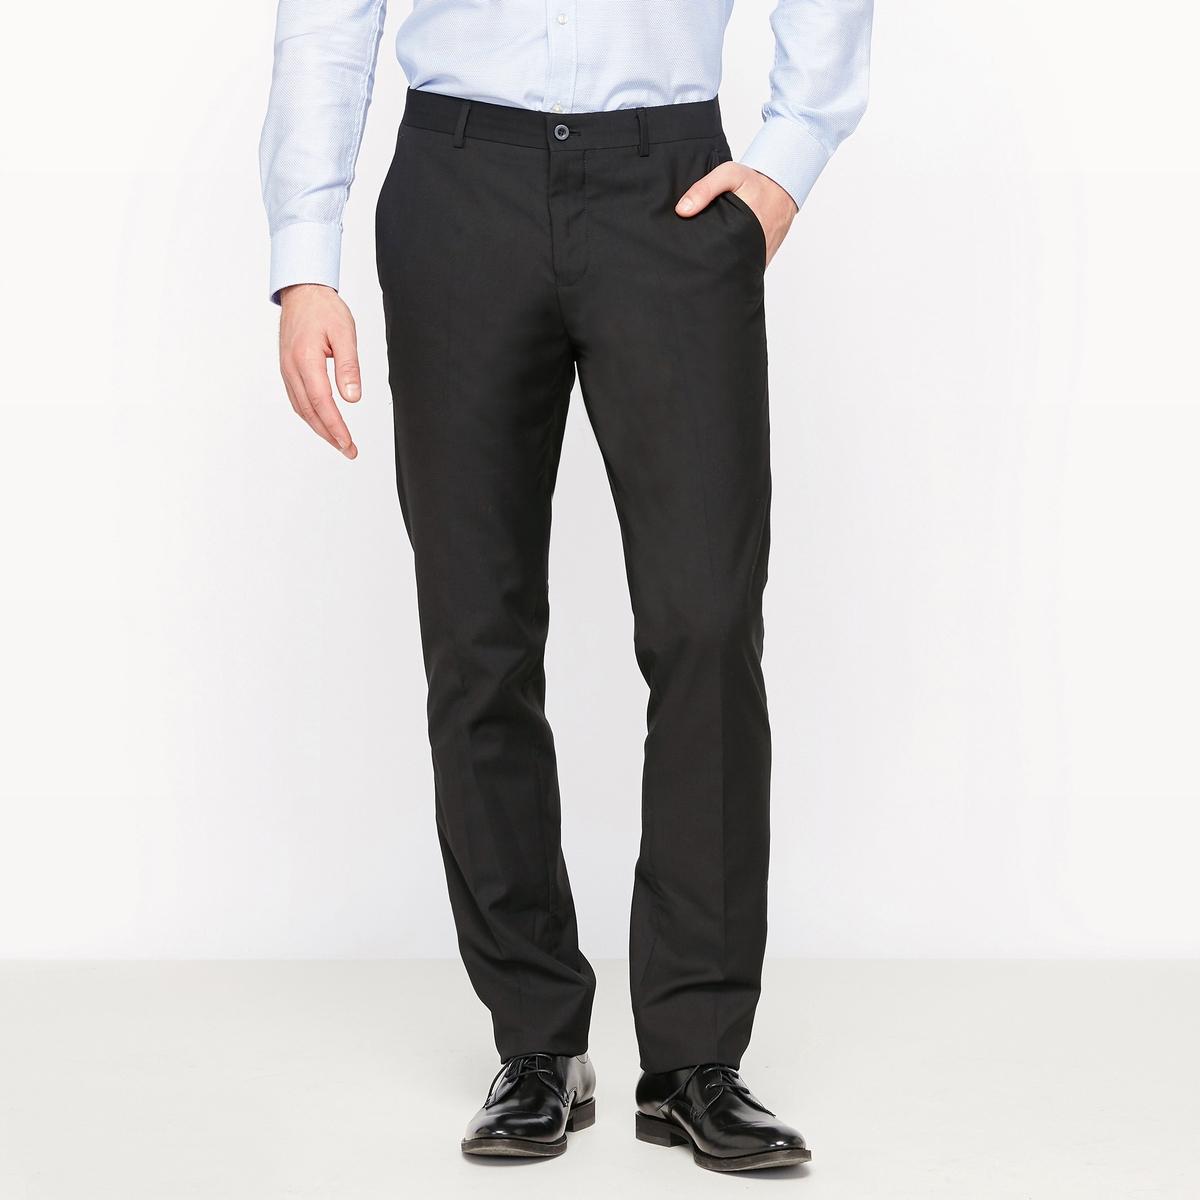 Брюки костюмные прямого покрояБрюки костюмные. Прямой покрой. 2 боковых кармана, 2 прорезных кармана сзади. Шлевки для ремня. Застёжка на молнию и пуговицу.Состав и описаниеМатериалы : 80% полиэстера, 20% вискозы Длина по внутр.шву : 85 см - Ширина по низу: 19,5 смМарка :      R ?ditionУходРекомендуется сухая чистка<br><br>Цвет: черный<br>Размер: 40 (FR) - 46 (RUS).52 (FR) - 58 (RUS).42 (FR) - 48 (RUS).44 (FR) - 50 (RUS)